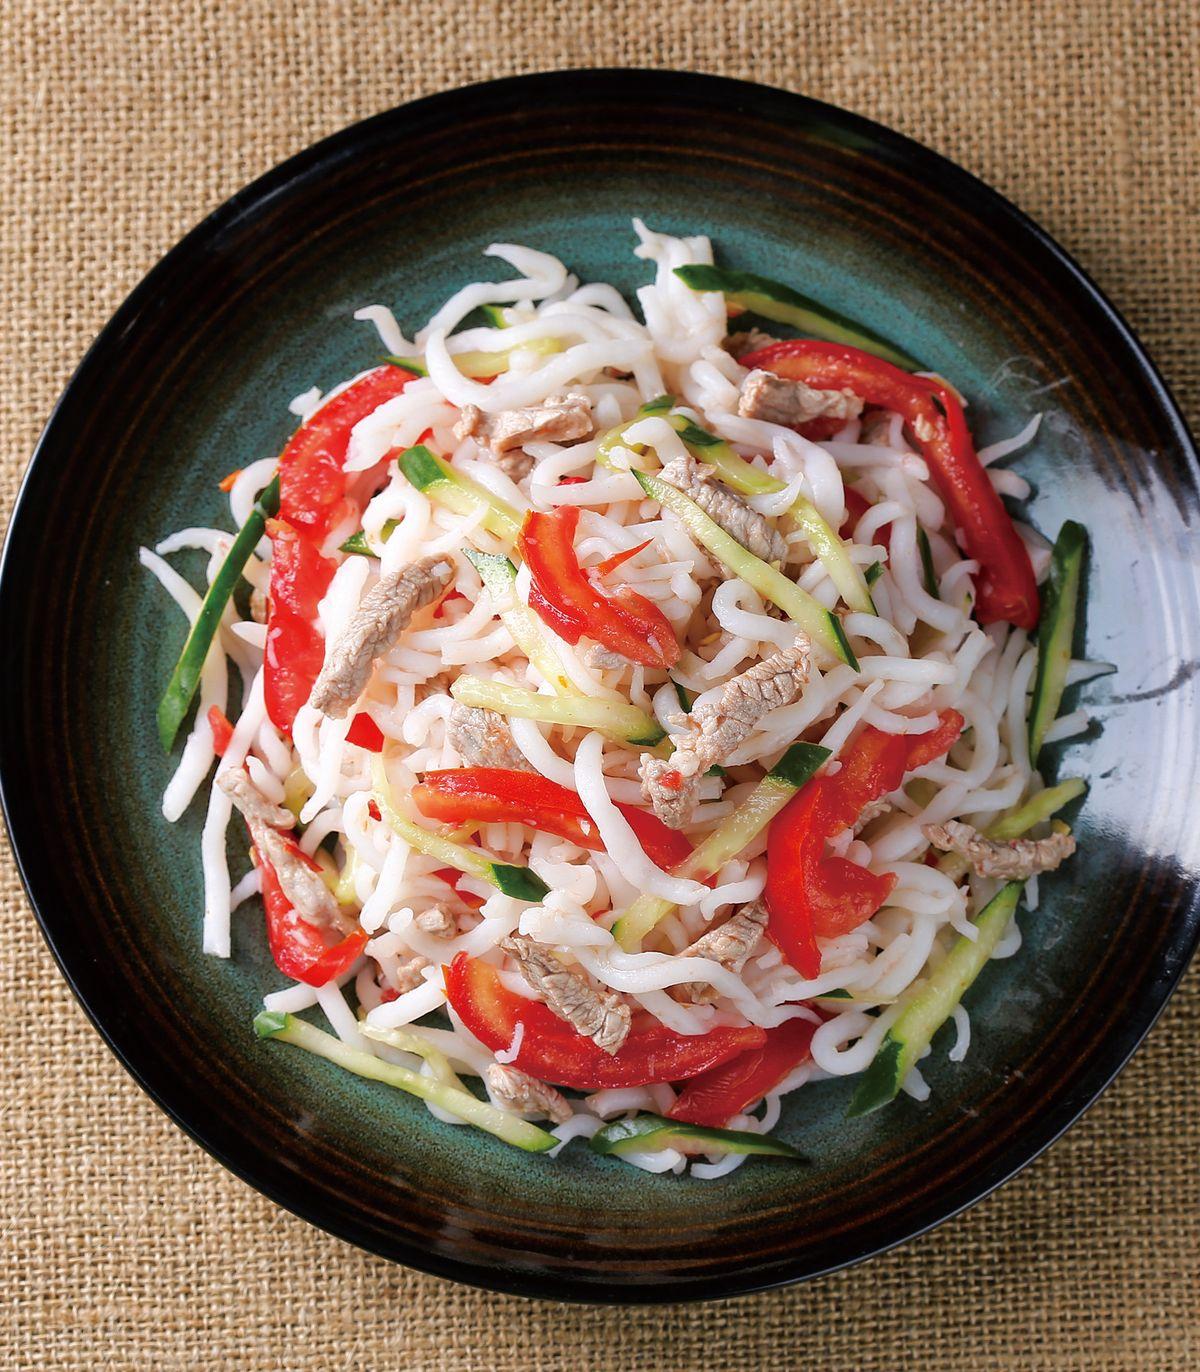 食譜:什錦乾拌米苔目